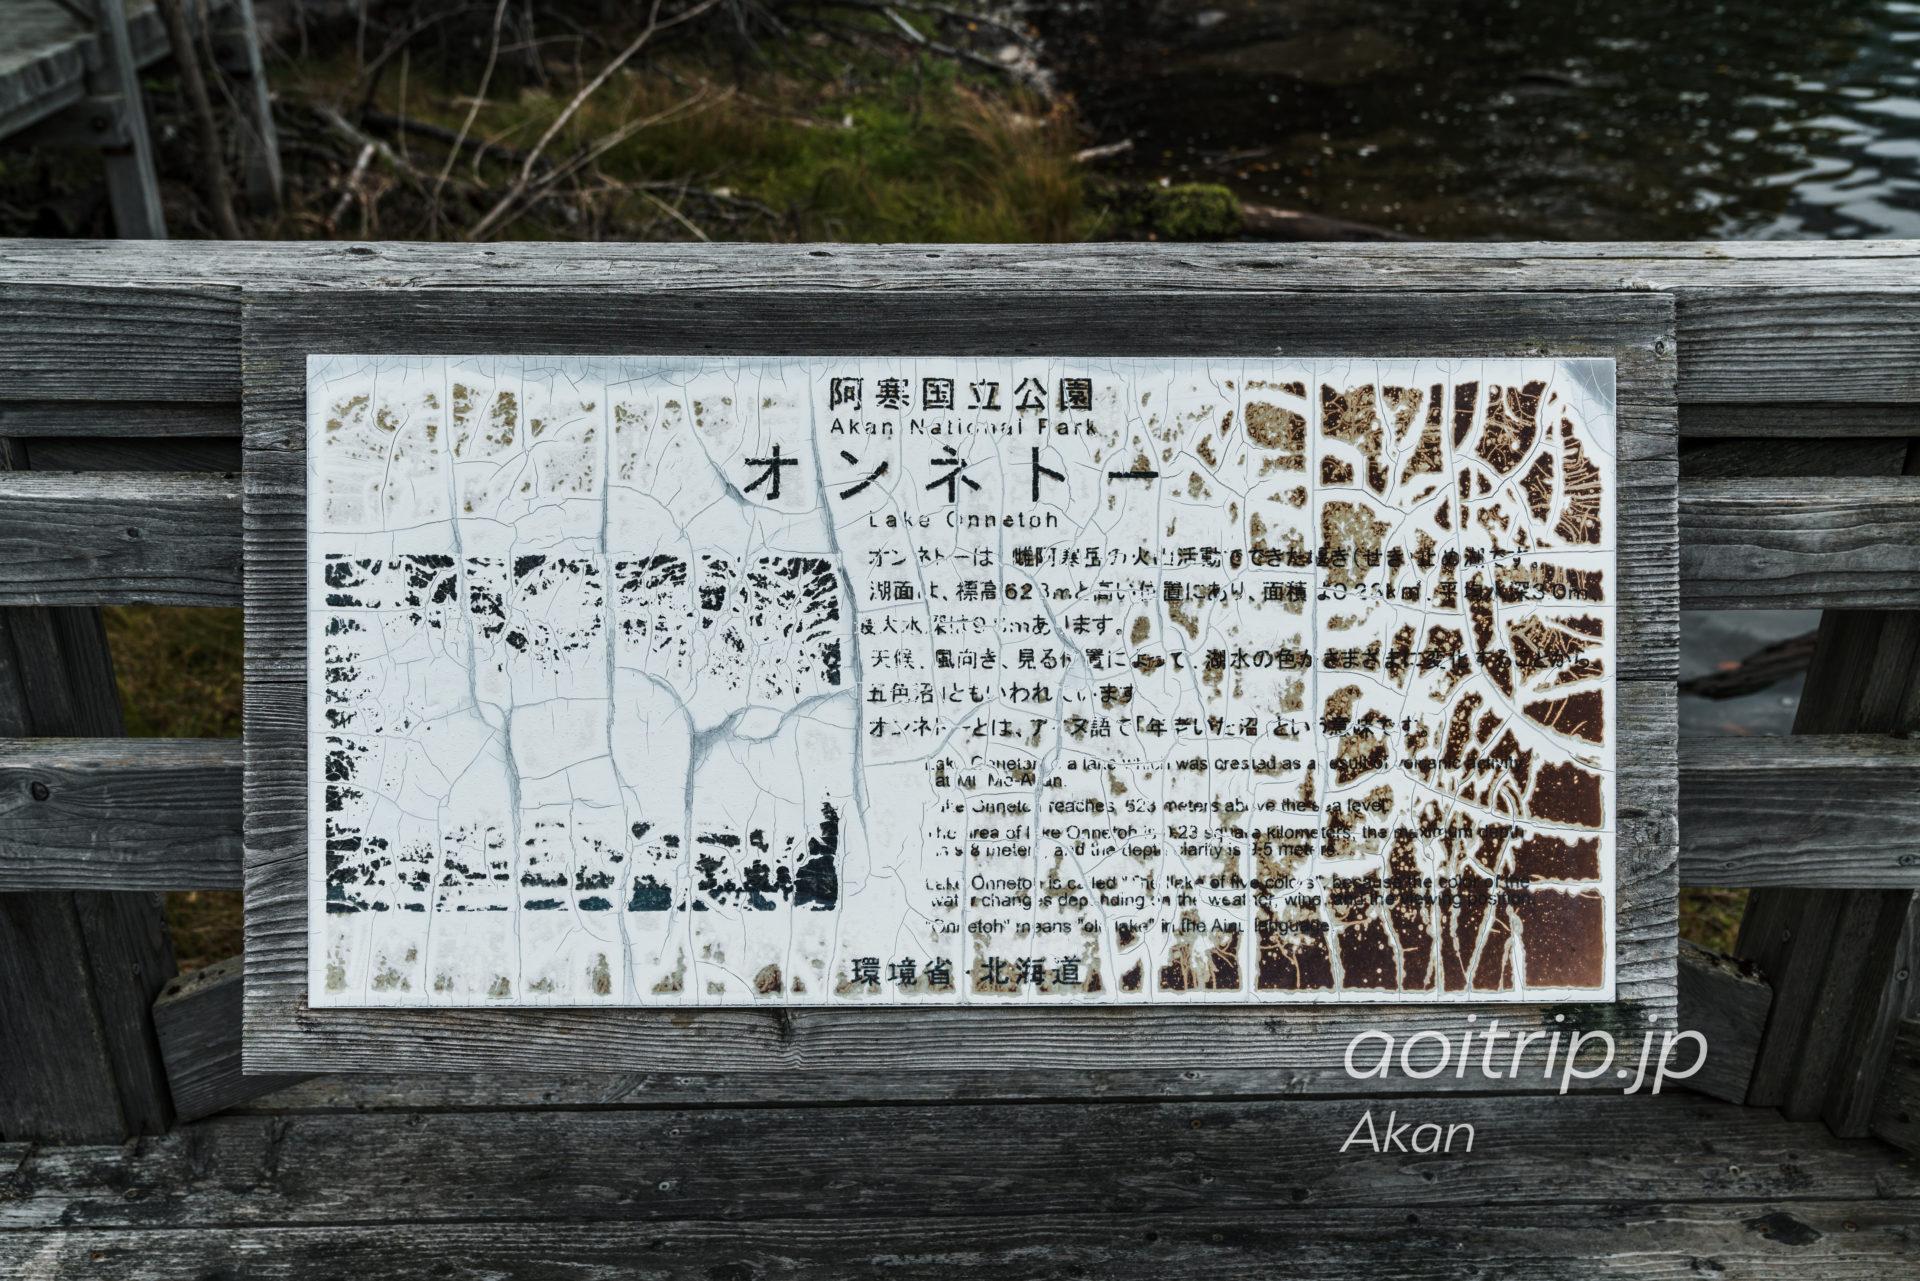 五色沼と呼ばれるオンネトーの解説